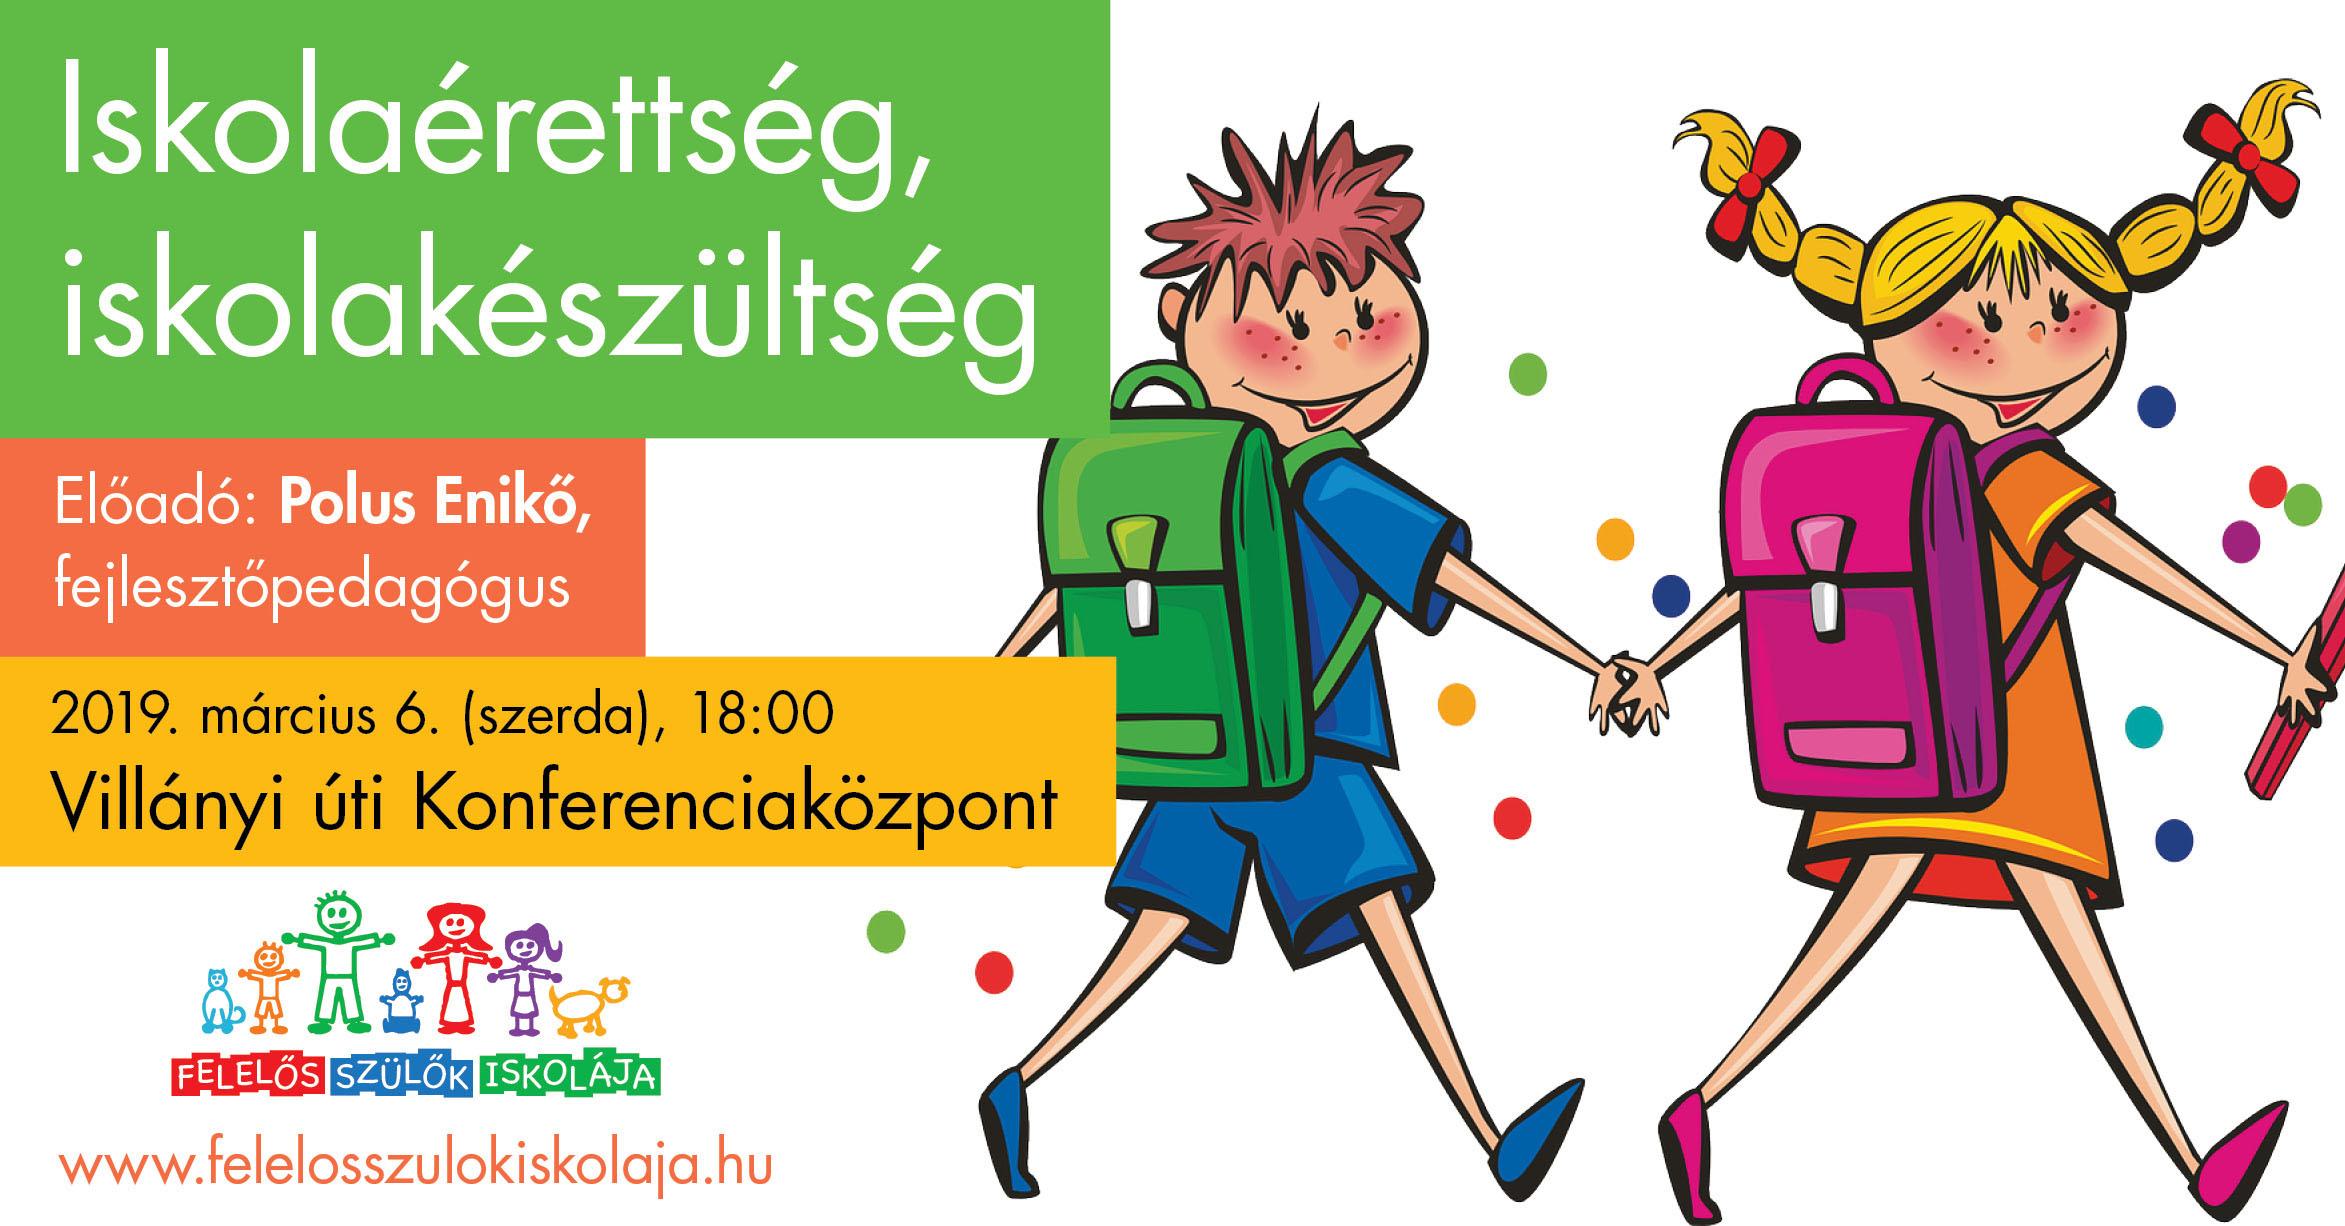 Iskolaérettség, iskolakészültség plakát